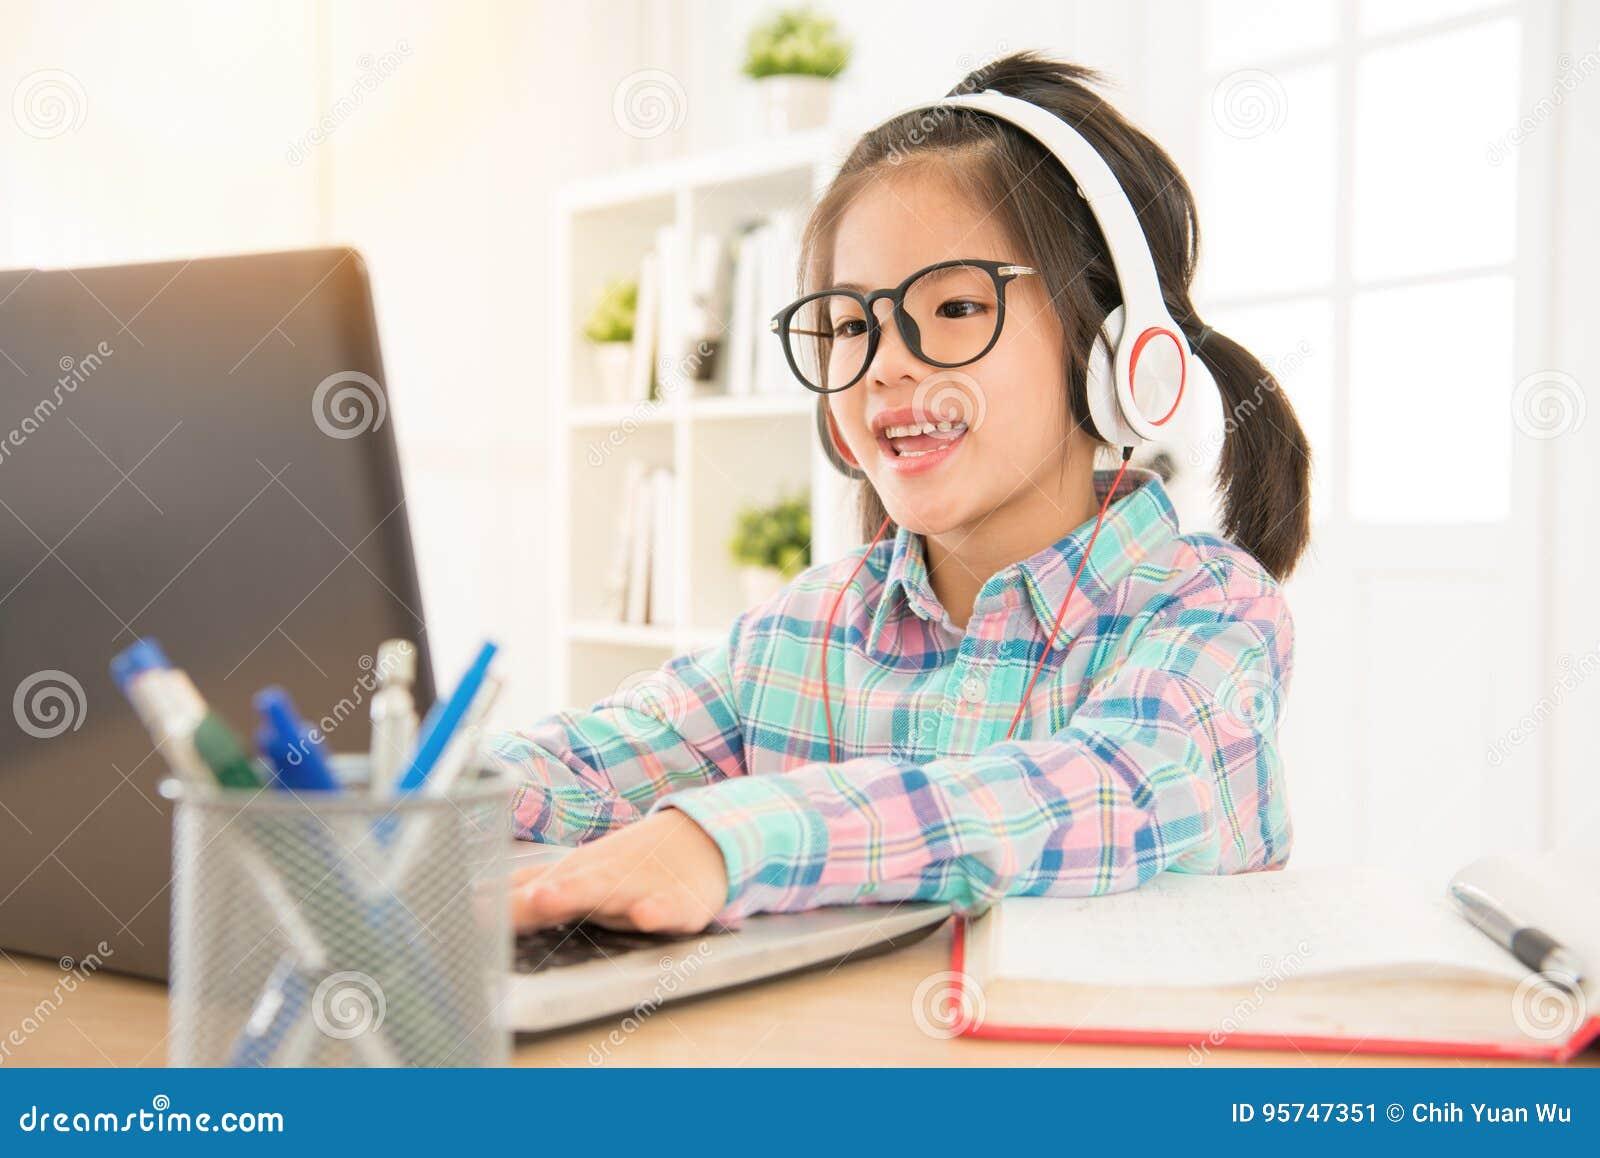 El aprendizaje electrónico da a niños preescolares estudio perfecto